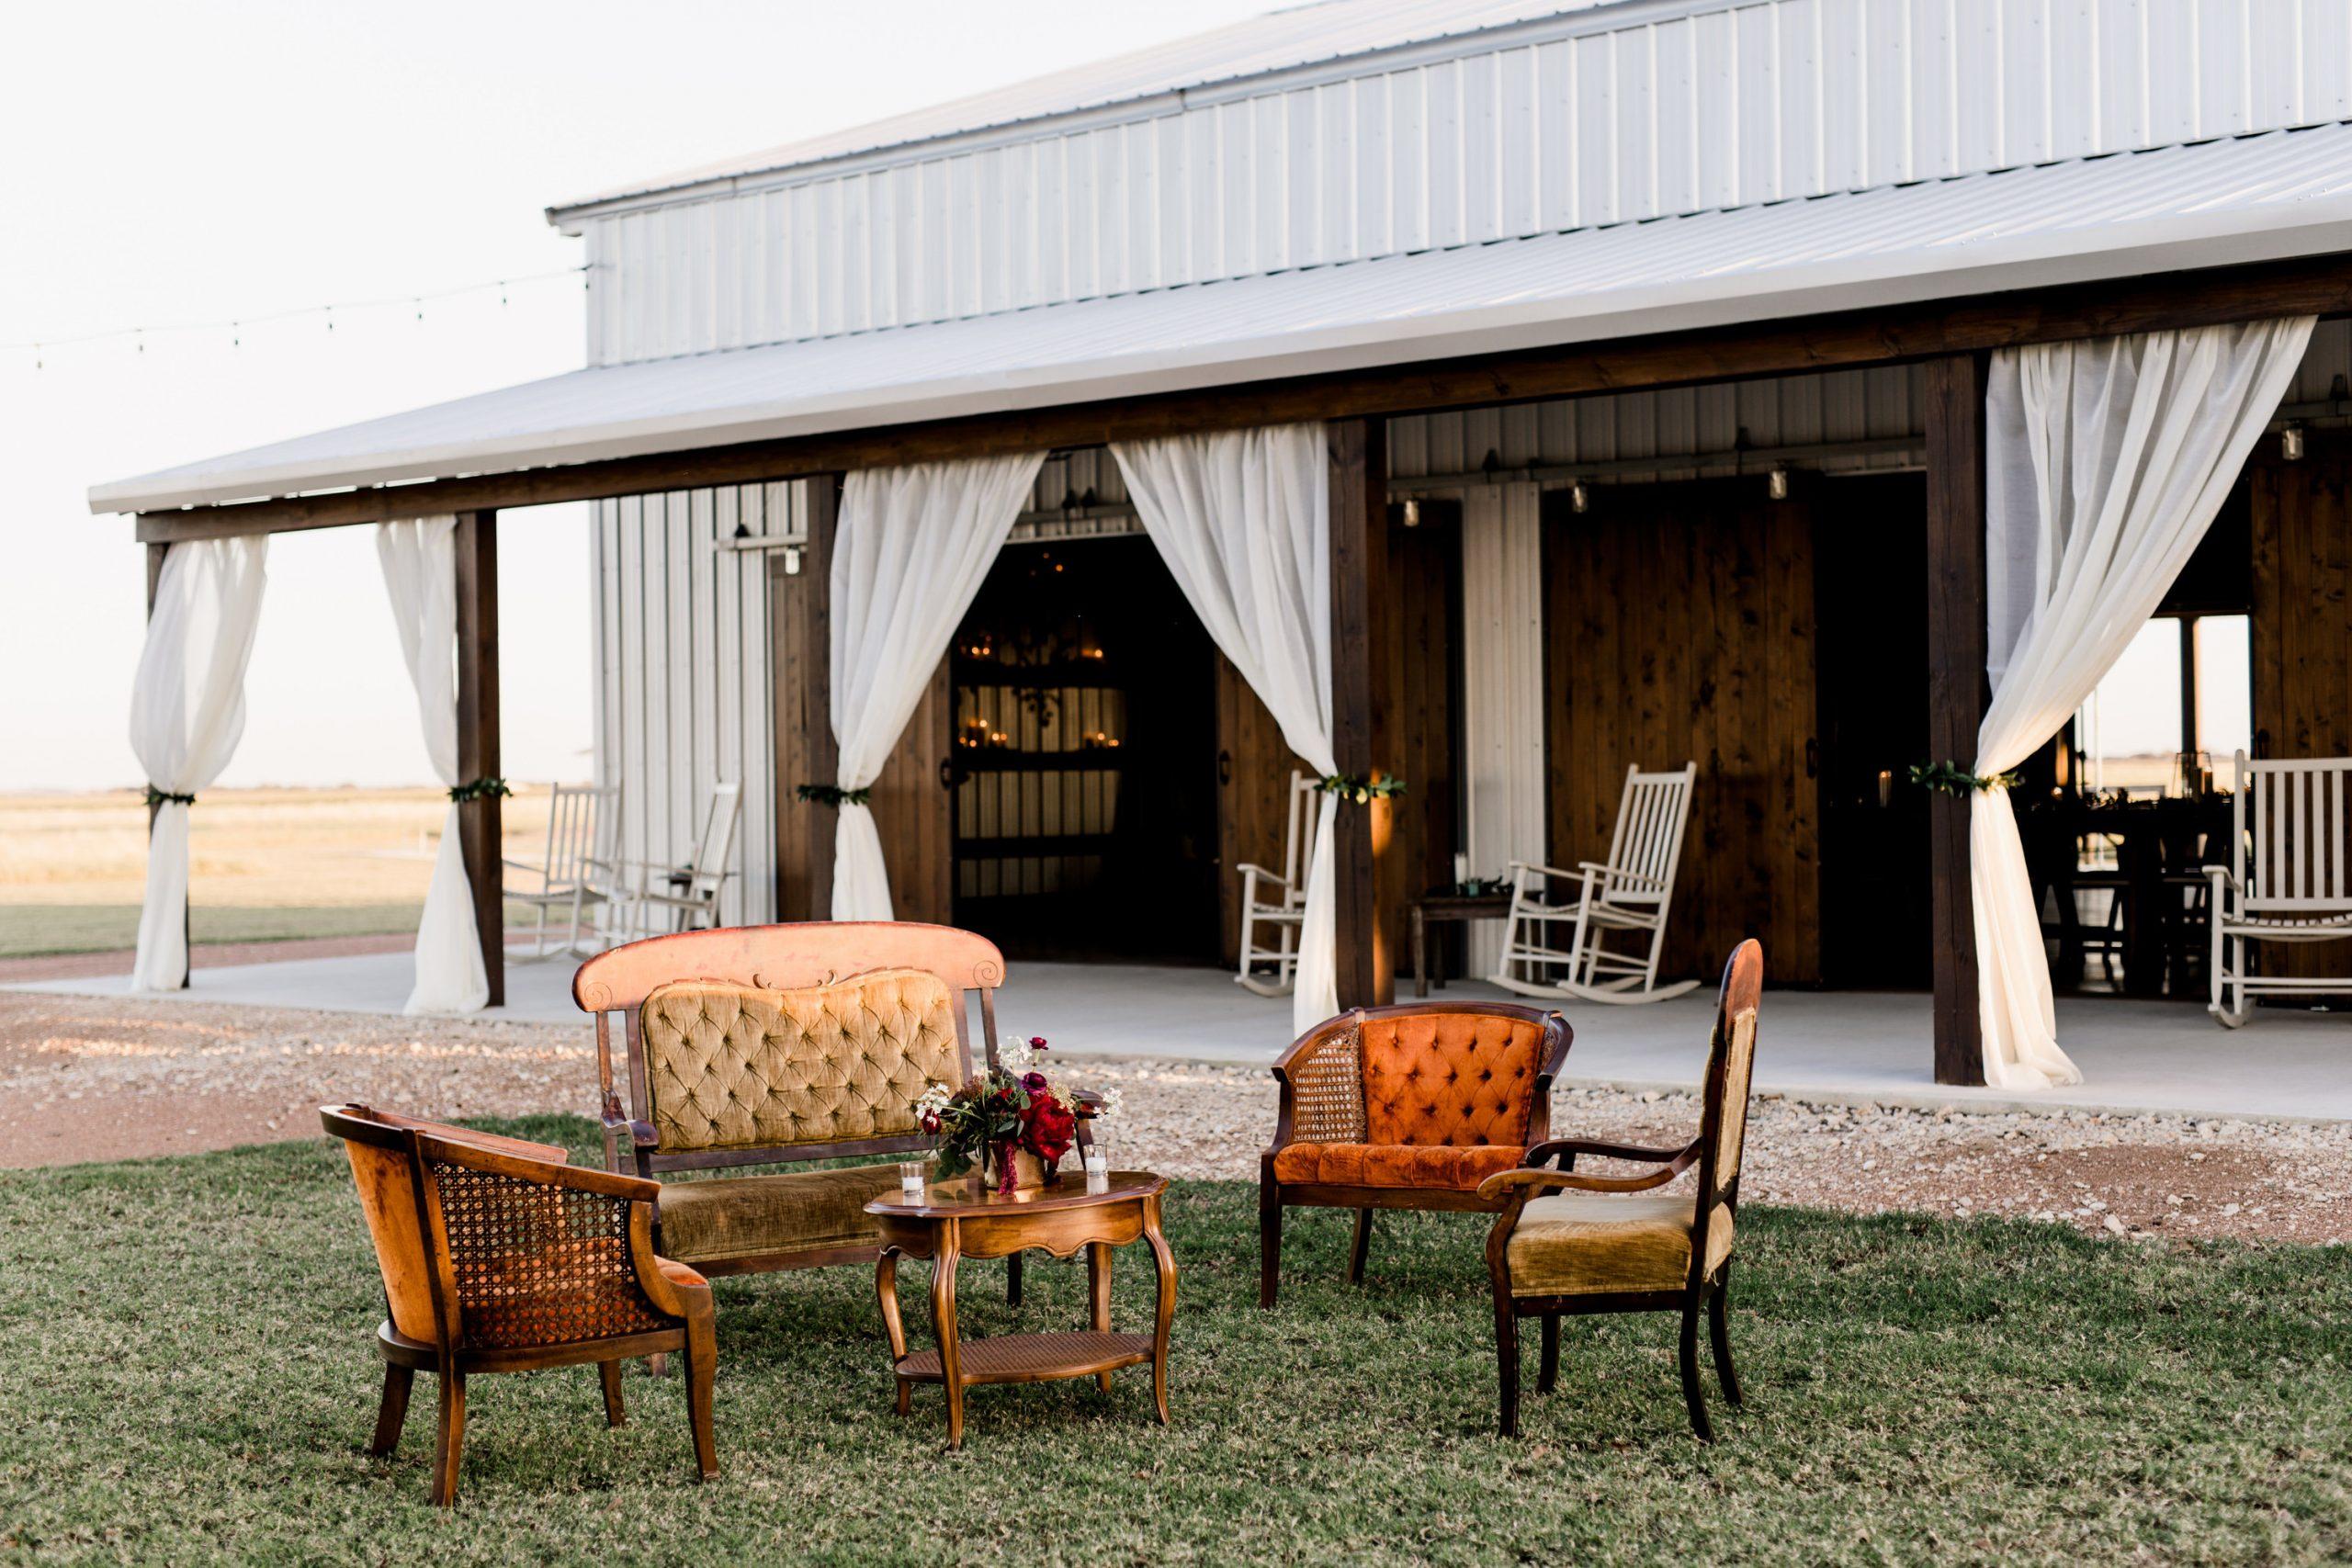 Allen Farm Haus sitting outside